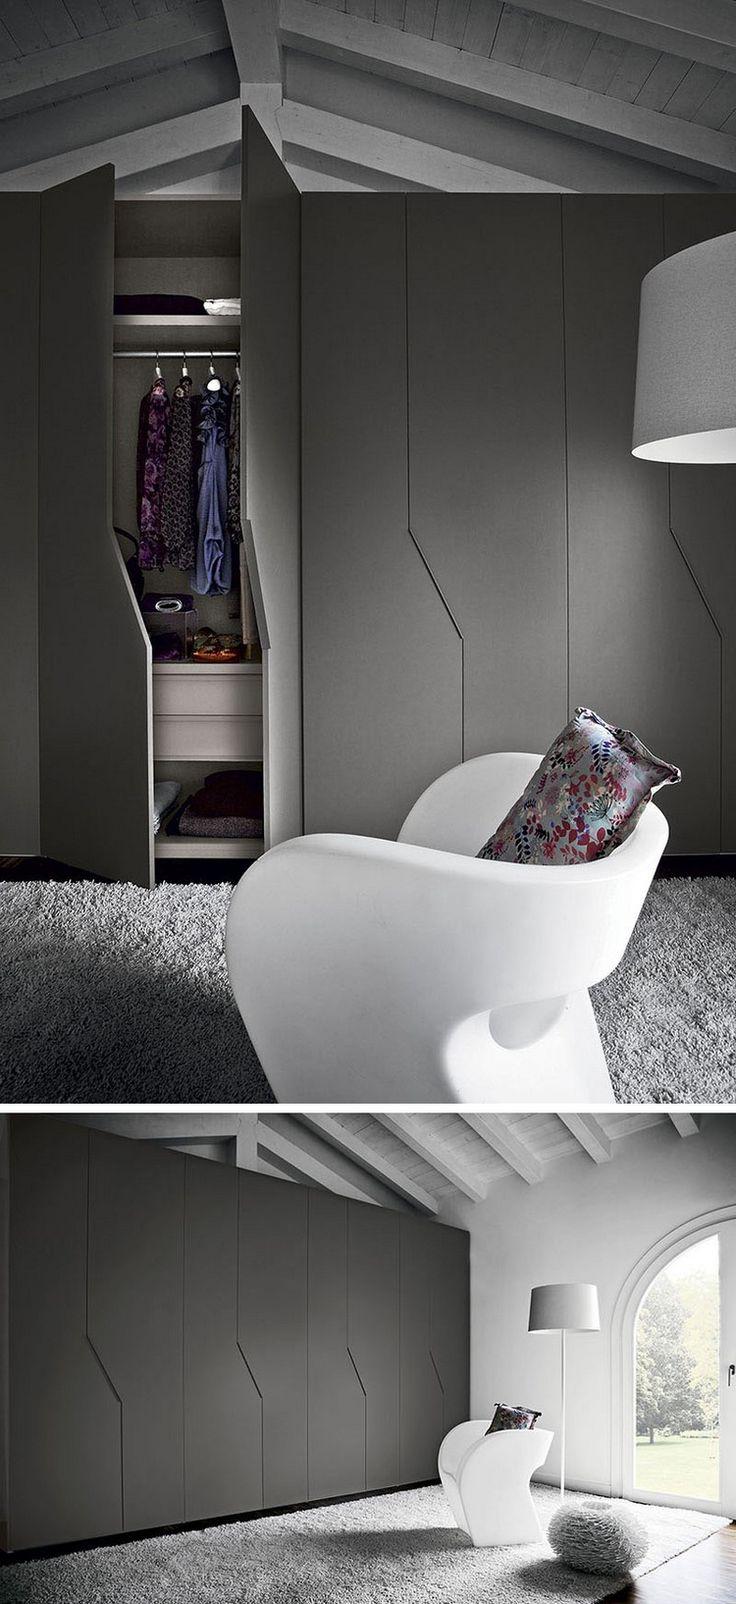 portes placard en noir mat, chaise design en blanc neige et tapis gris